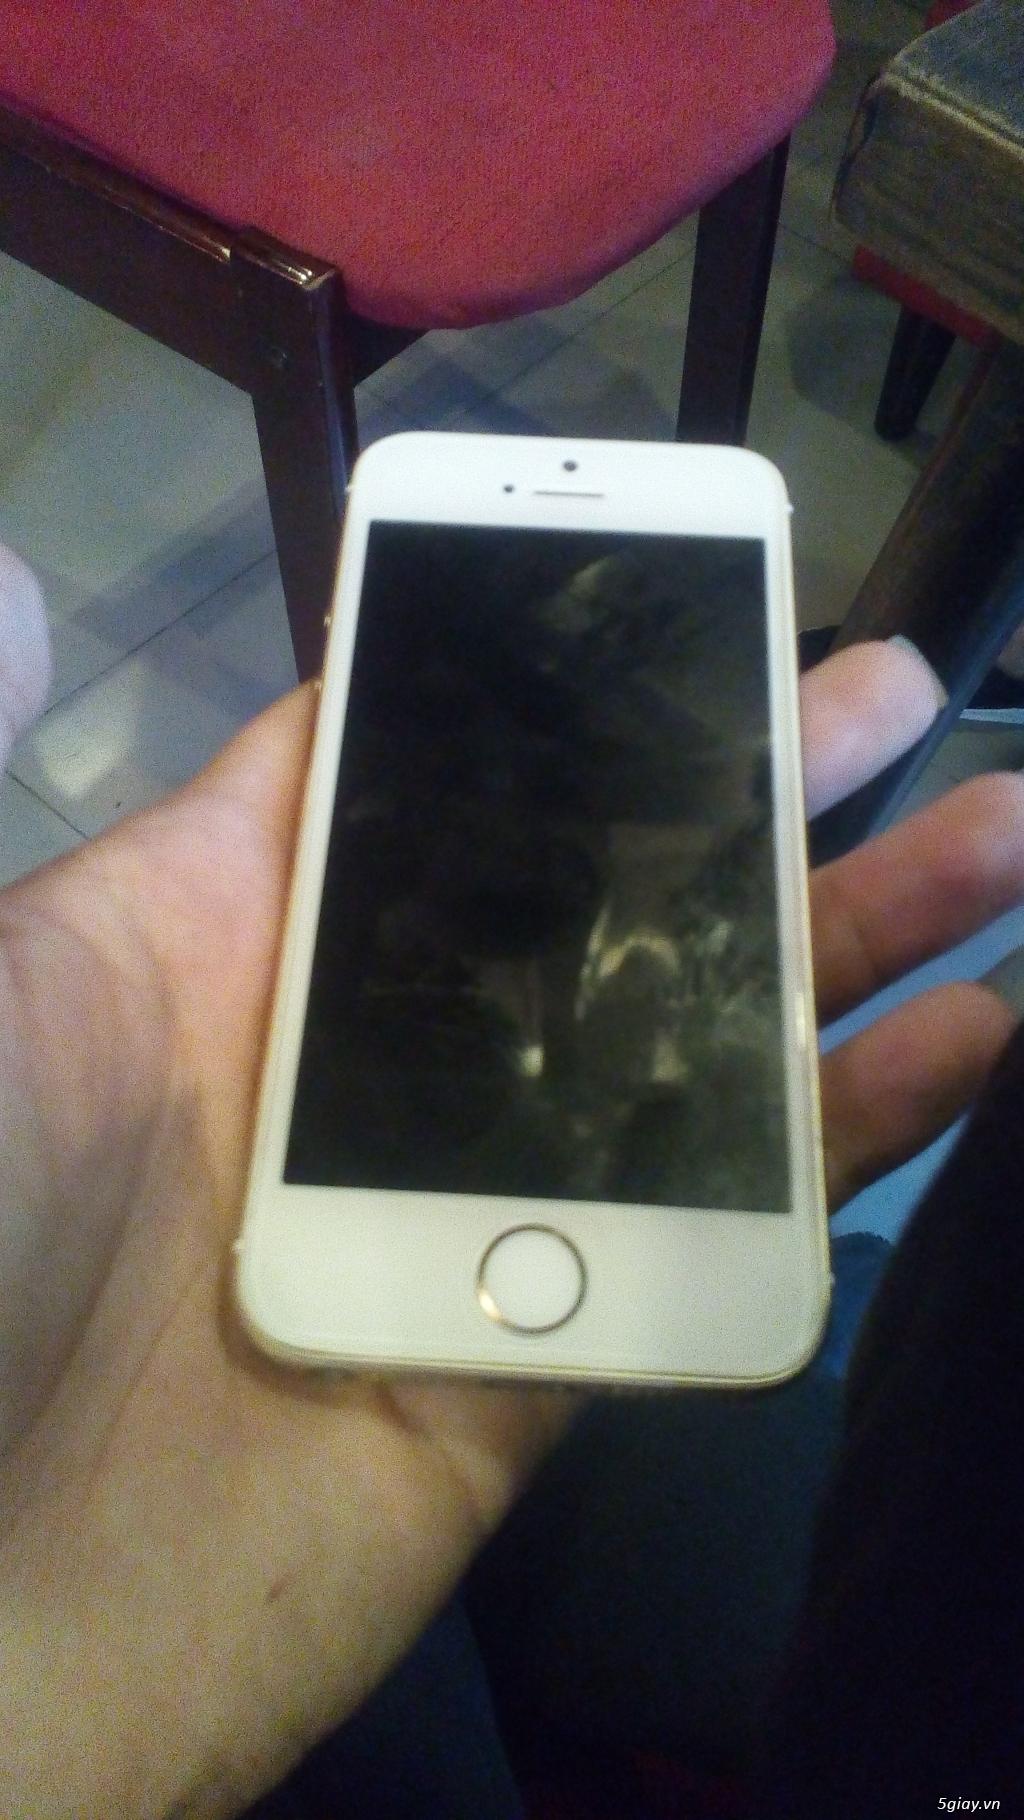 Iphone 5s 16gb qte full chức năng - 2